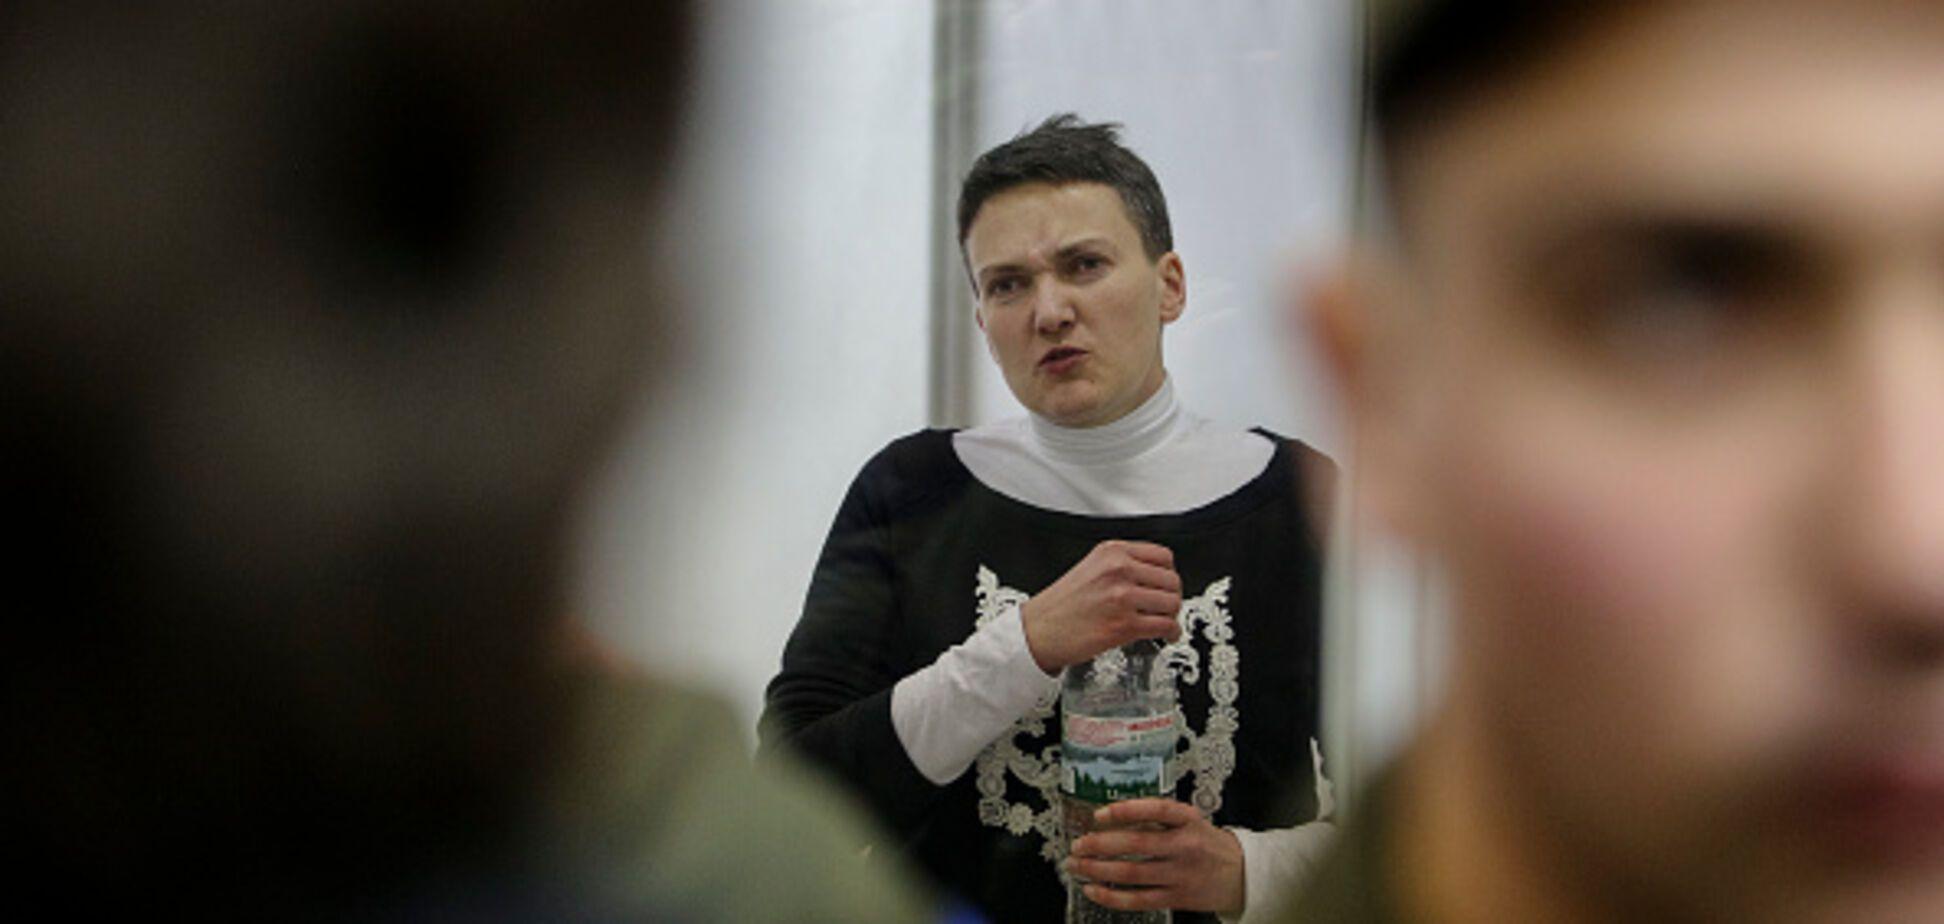 Рвота и оригами: Савченко рассказала о досуге в СИЗО